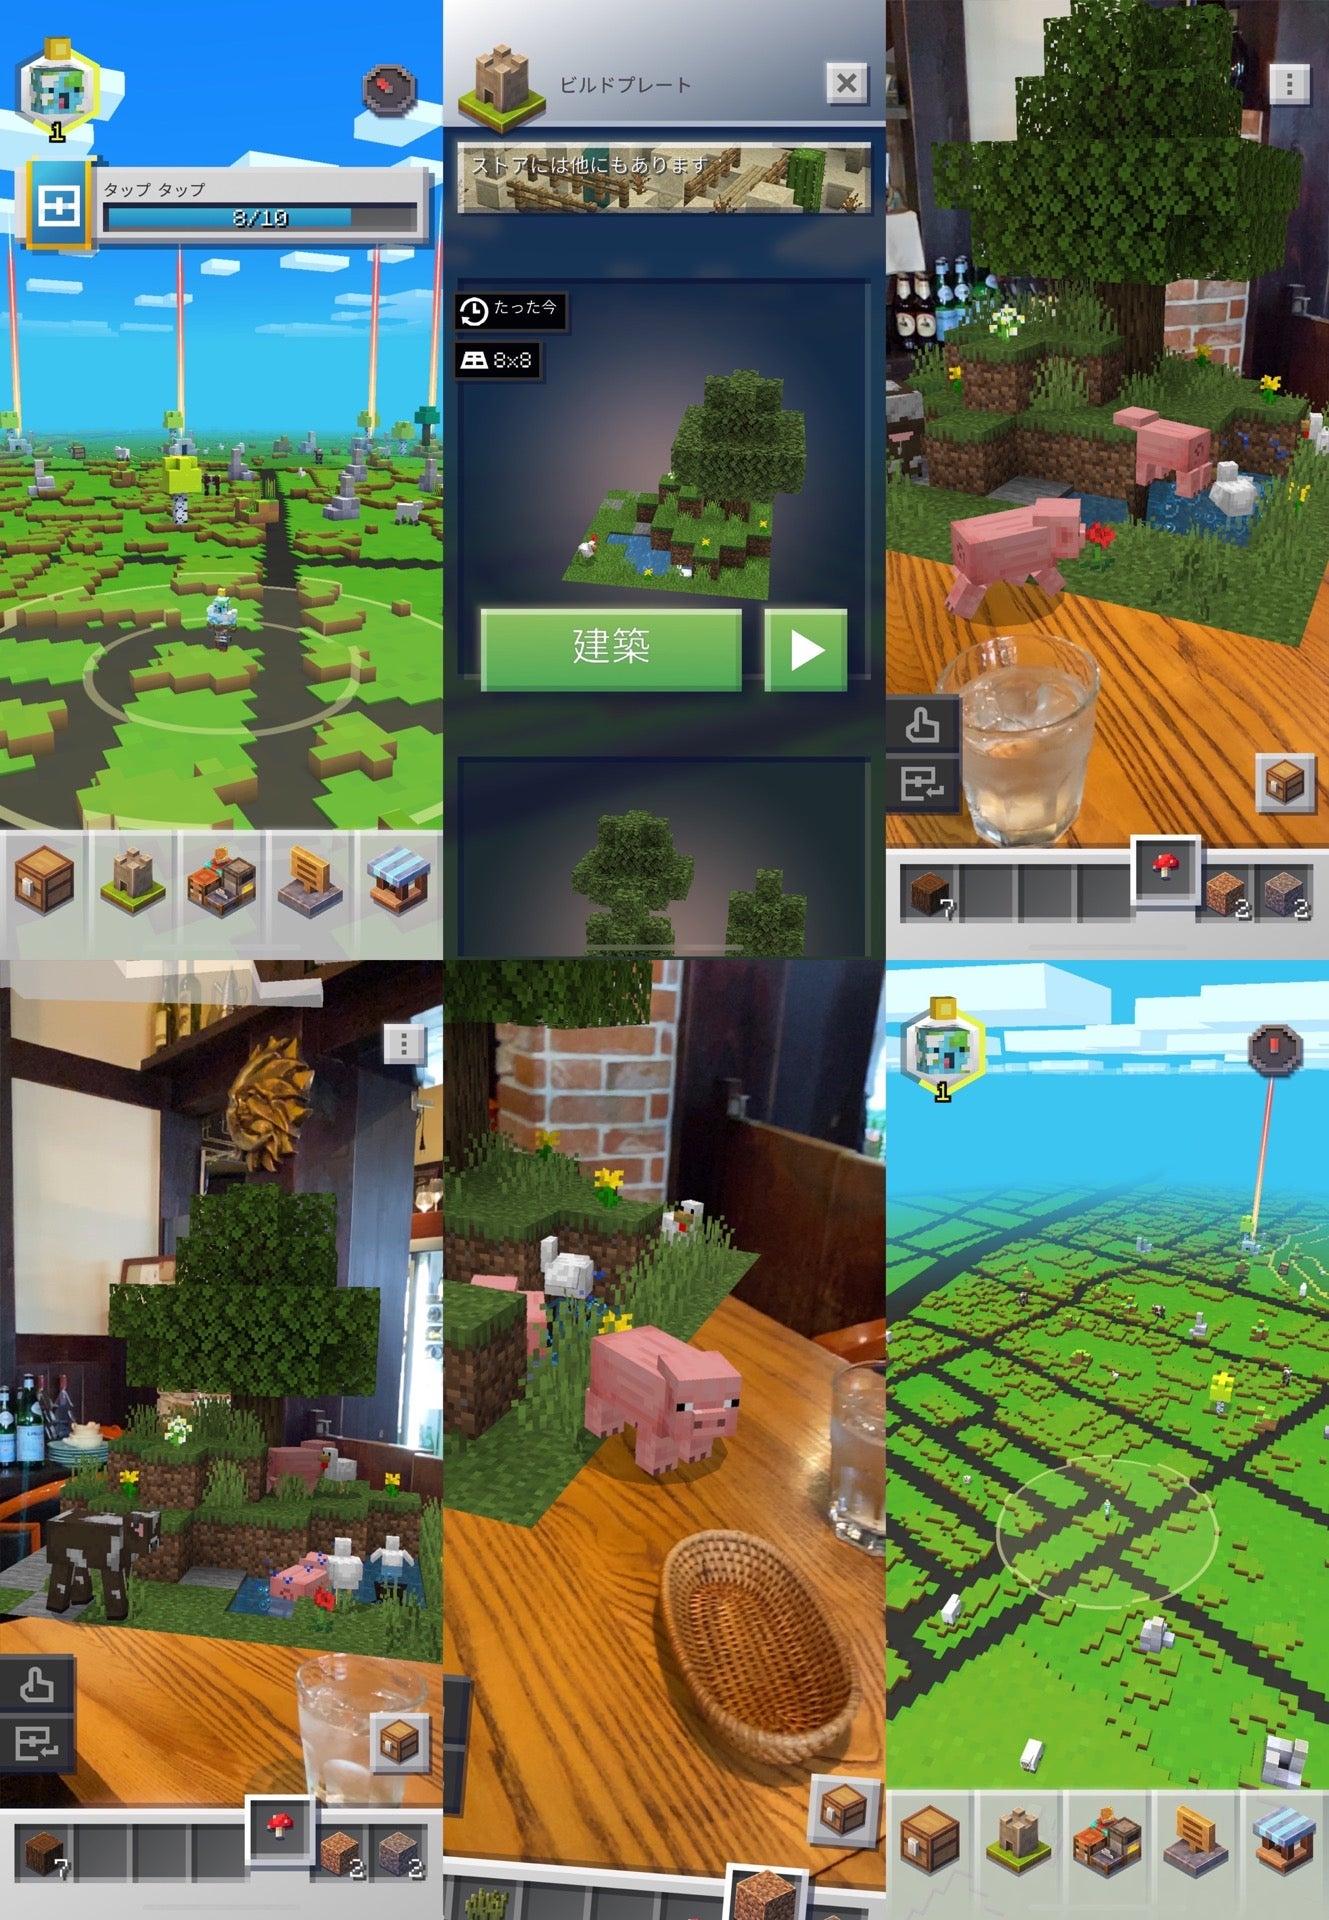 Minecraft Earth ワールドからブタさん出てきてる🐽(゚ω゚) (@ イタリア料理 Kan in 小牧市, 愛知県) https://t.co/yjH5PUZScQ https://t.co/IqhnoK3e92